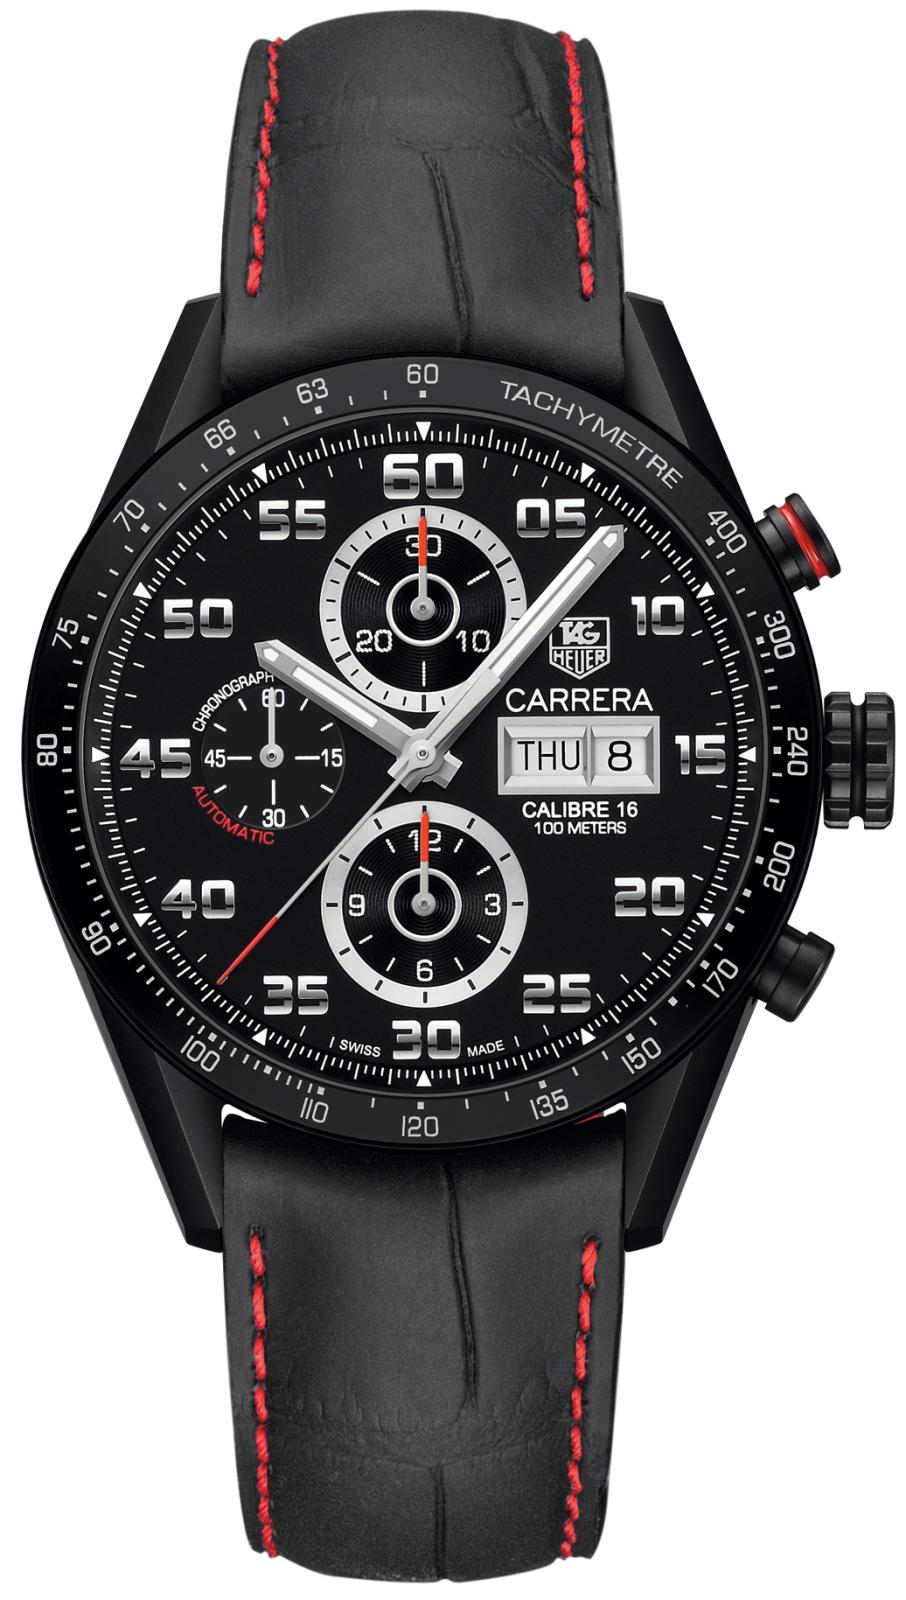 TAG Heuer CV2A81.FC6237Наручные часы<br>Швейцарские часы TAG Heuer Carrera Calibre 16 Day-Date CV2A81.FC6237Часы из коллекции Carrera. Это спортивный мужской механический хронограф, 12-часовой счетчик на 6 часов, 60-минутный счетчик на 12 часов, малая секунда на 9 часов, тахиметрическая шкала нанесённая по безелю, прозрачная задняя крышка. Механизм — TAG Heuer Calibre 16 Day Date, механический с системой автоматического подзавода, 28800 полуколебаний в час, 25 камней, запас хода до 42 часов. Материал корпуса часов — титановый корпус с черным титан-карбидным покрытием и пескоструйной обработкой, титановый безель с черным титан-карбидным покрытием, черным керамическим кольцом и серебристой тахиметрической шкалой. Покрытие часовых стрелок - люминисцентное покрытие Superluminova. В этих часах используется сапфировое стекло. Водозащита - 100 м. Диаметр корпуса модели 43 мм.<br><br>Для кого?: Мужские<br>Страна-производитель: Швейцария<br>Механизм: Механический<br>Материал корпуса: Титан<br>Материал ремня/браслета: Кожа<br>Водозащита, диапазон: 100 - 150 м<br>Стекло: Сапфировое<br>Толщина корпуса: None<br>Стиль: None